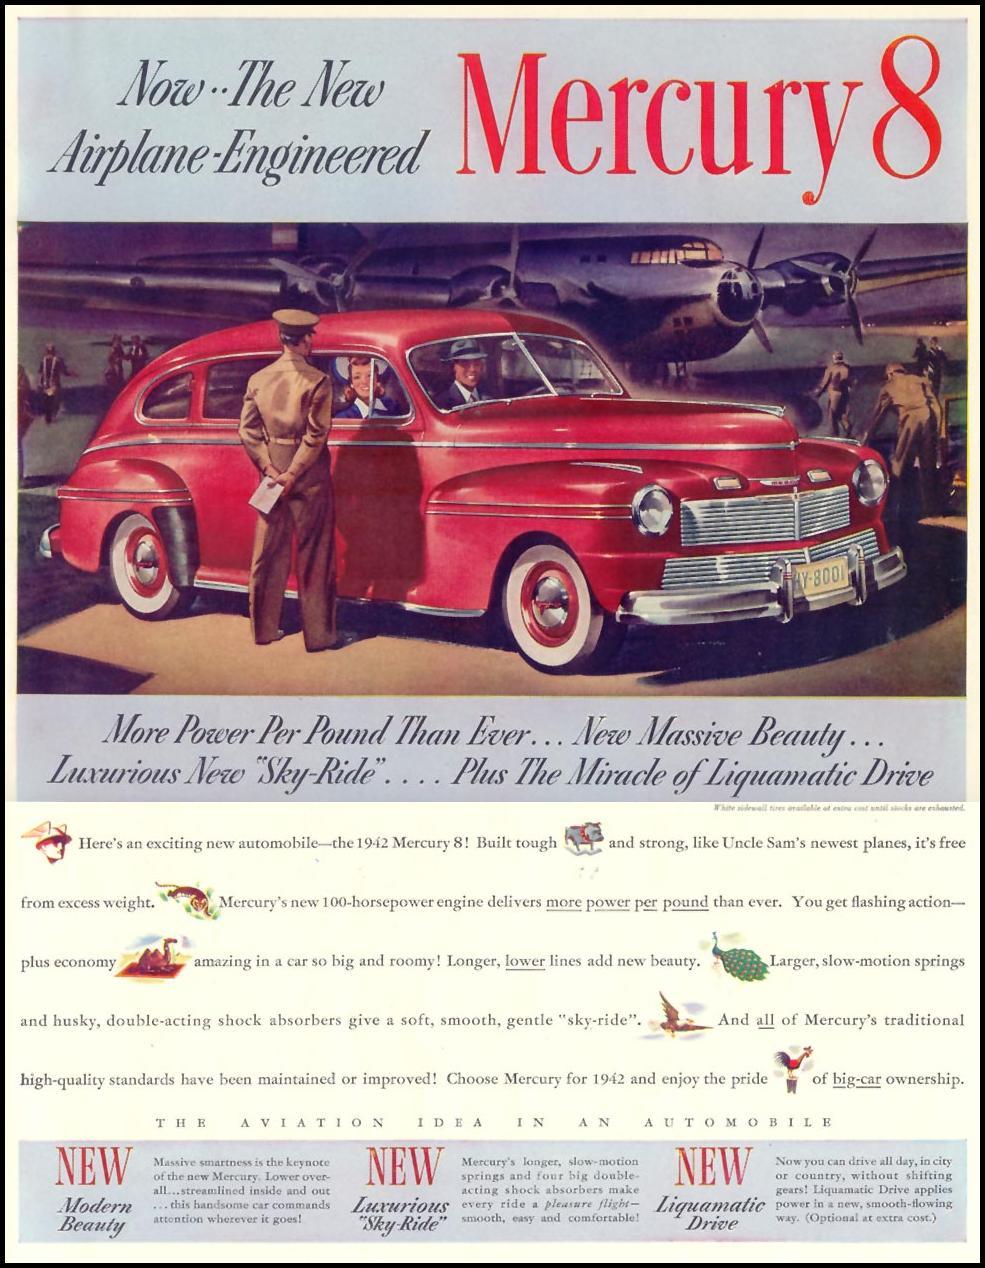 MERCURY AUTOMOBILES LIFE 10/13/1941